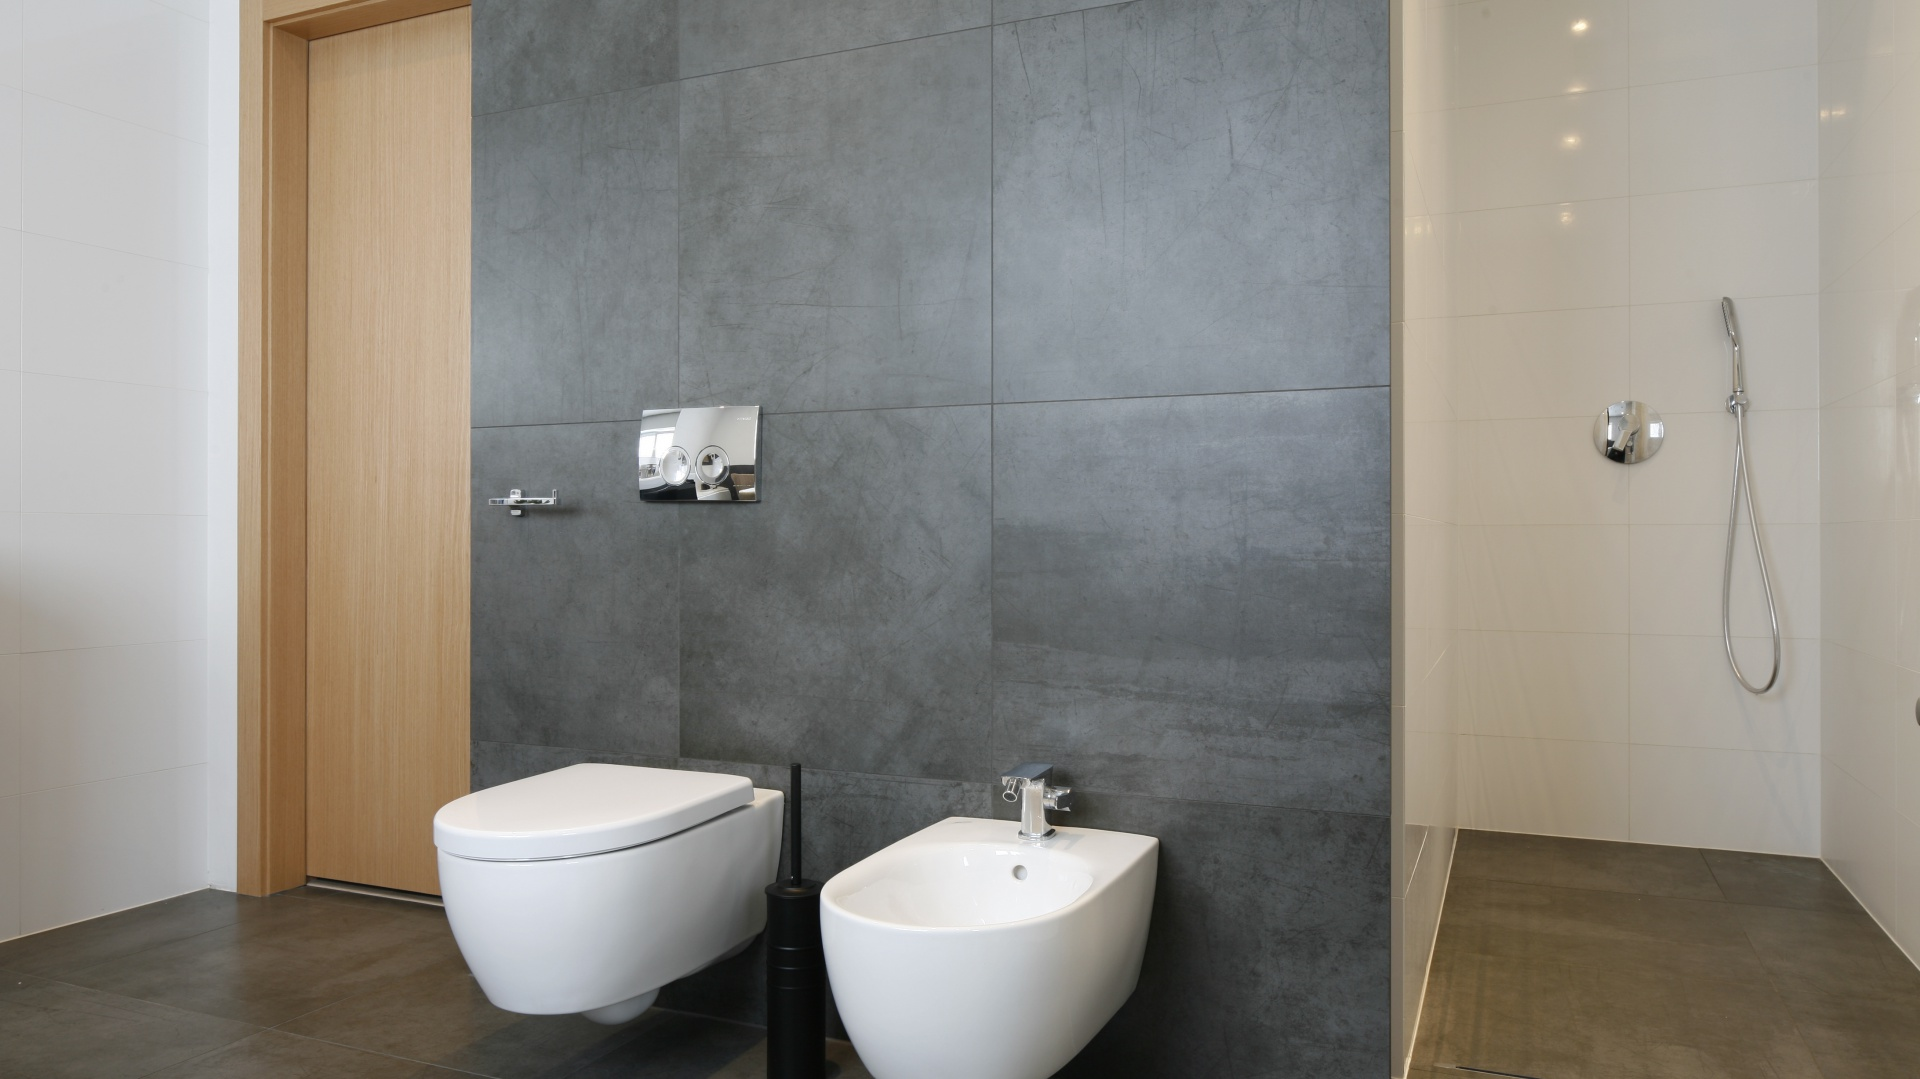 Na ścianie z miską ustępową...  Nowoczesna łazienka w bieli i szarościach  Strona: 5